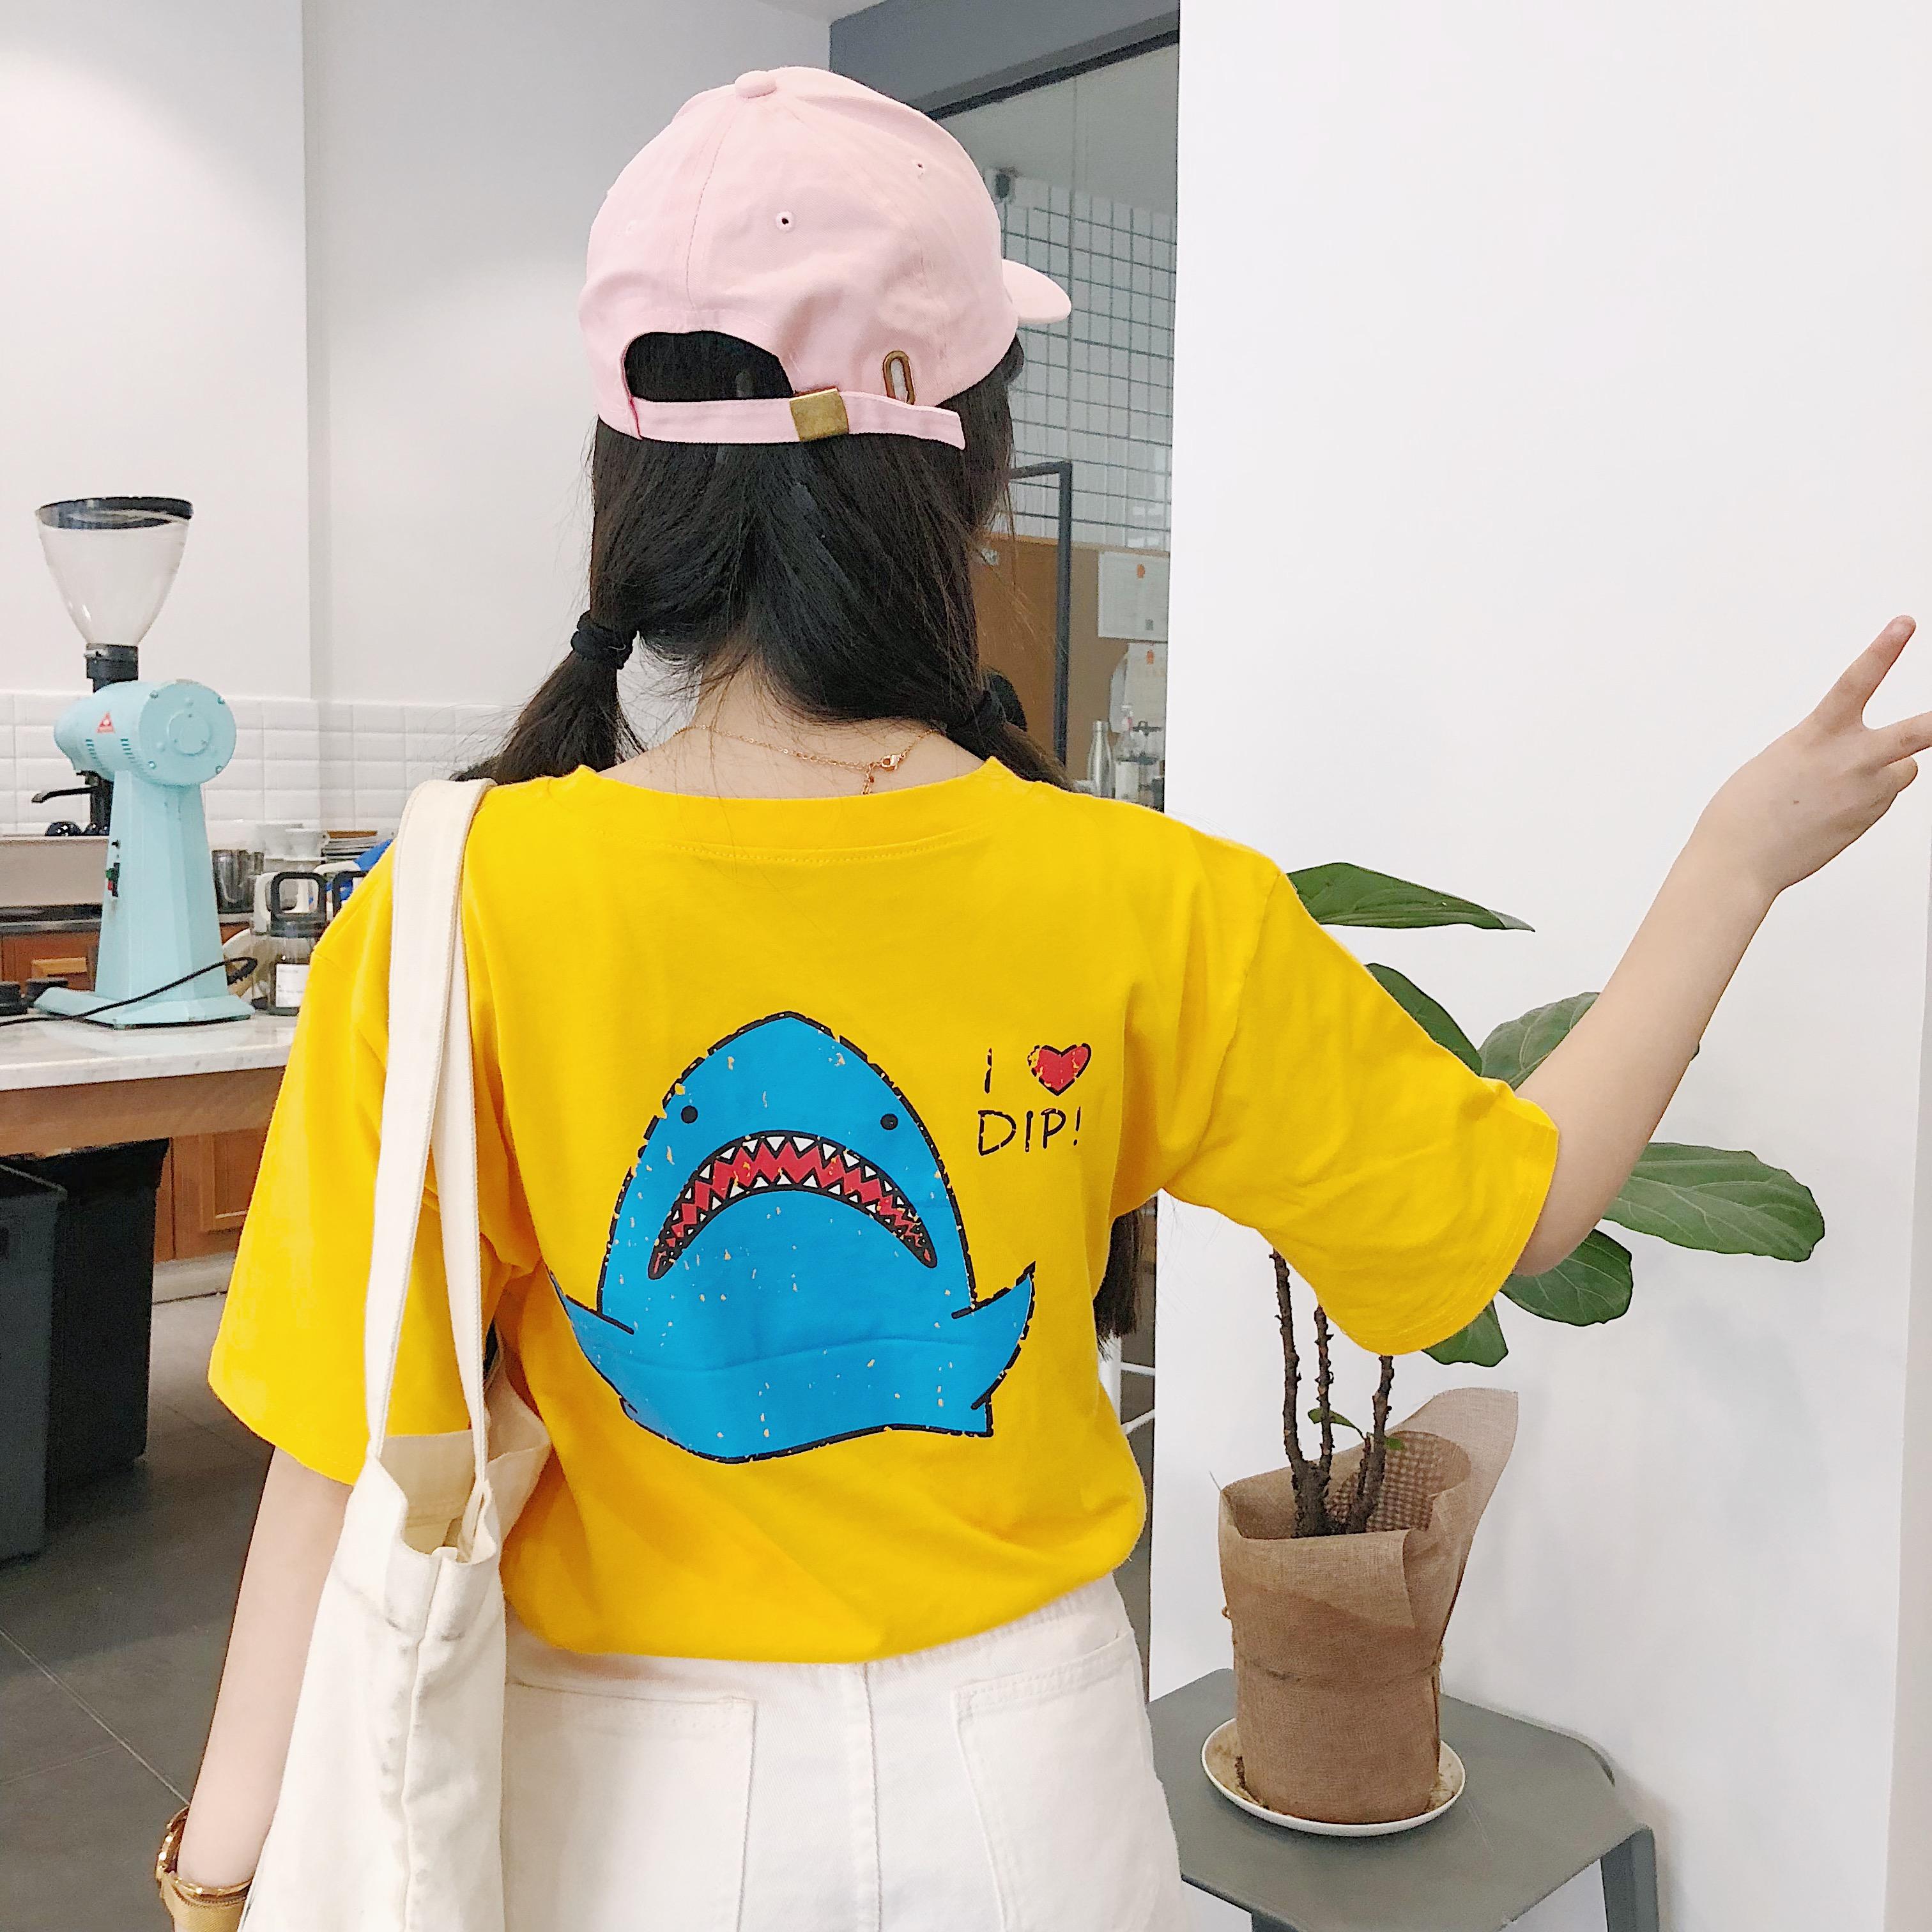 可可里小姐店铺酷酷的女装卡通童趣字母短袖学生韩国宽松bf潮流夏